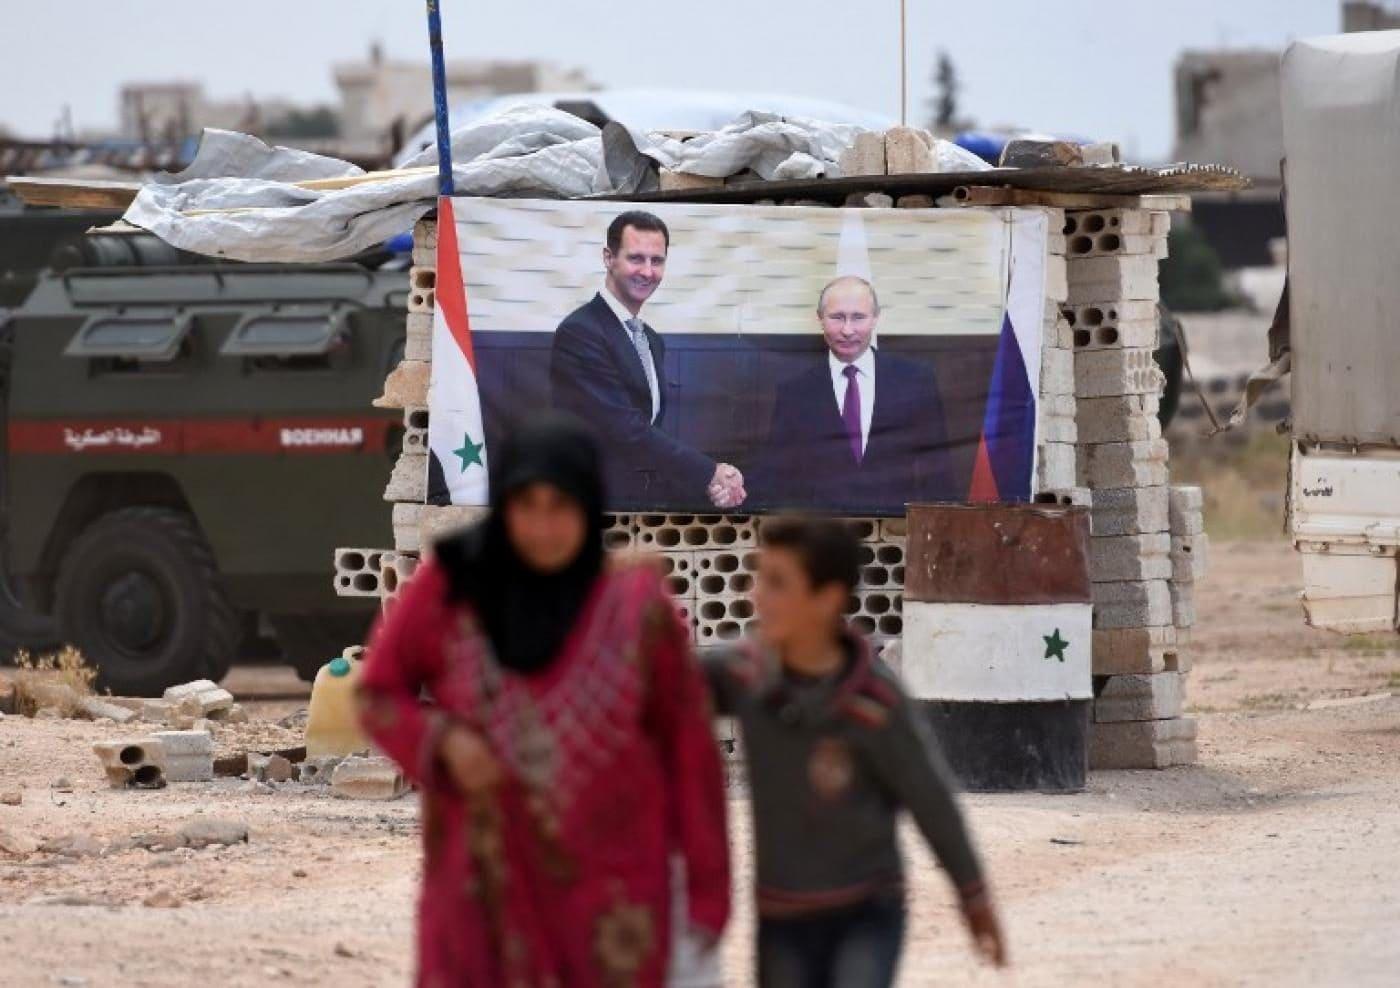 Poster del presidente Bashar al Assad e Putin in una città siriana della provincia di Idlib (Gettyimages)